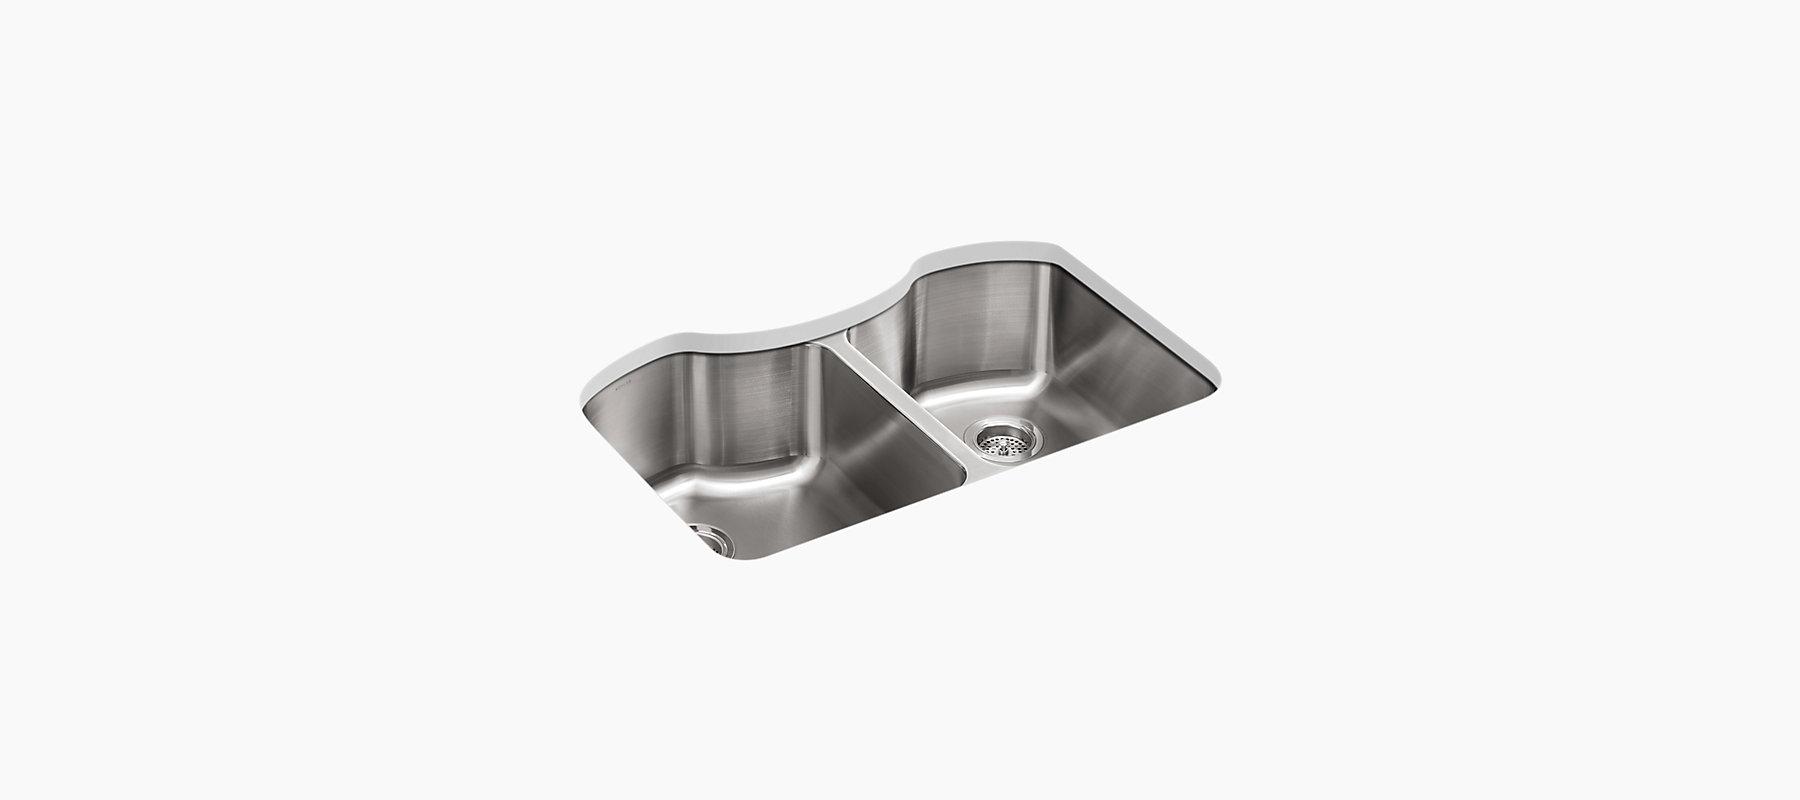 Octave Double Equal Under Mount Kitchen Sink K 3843 Kohler